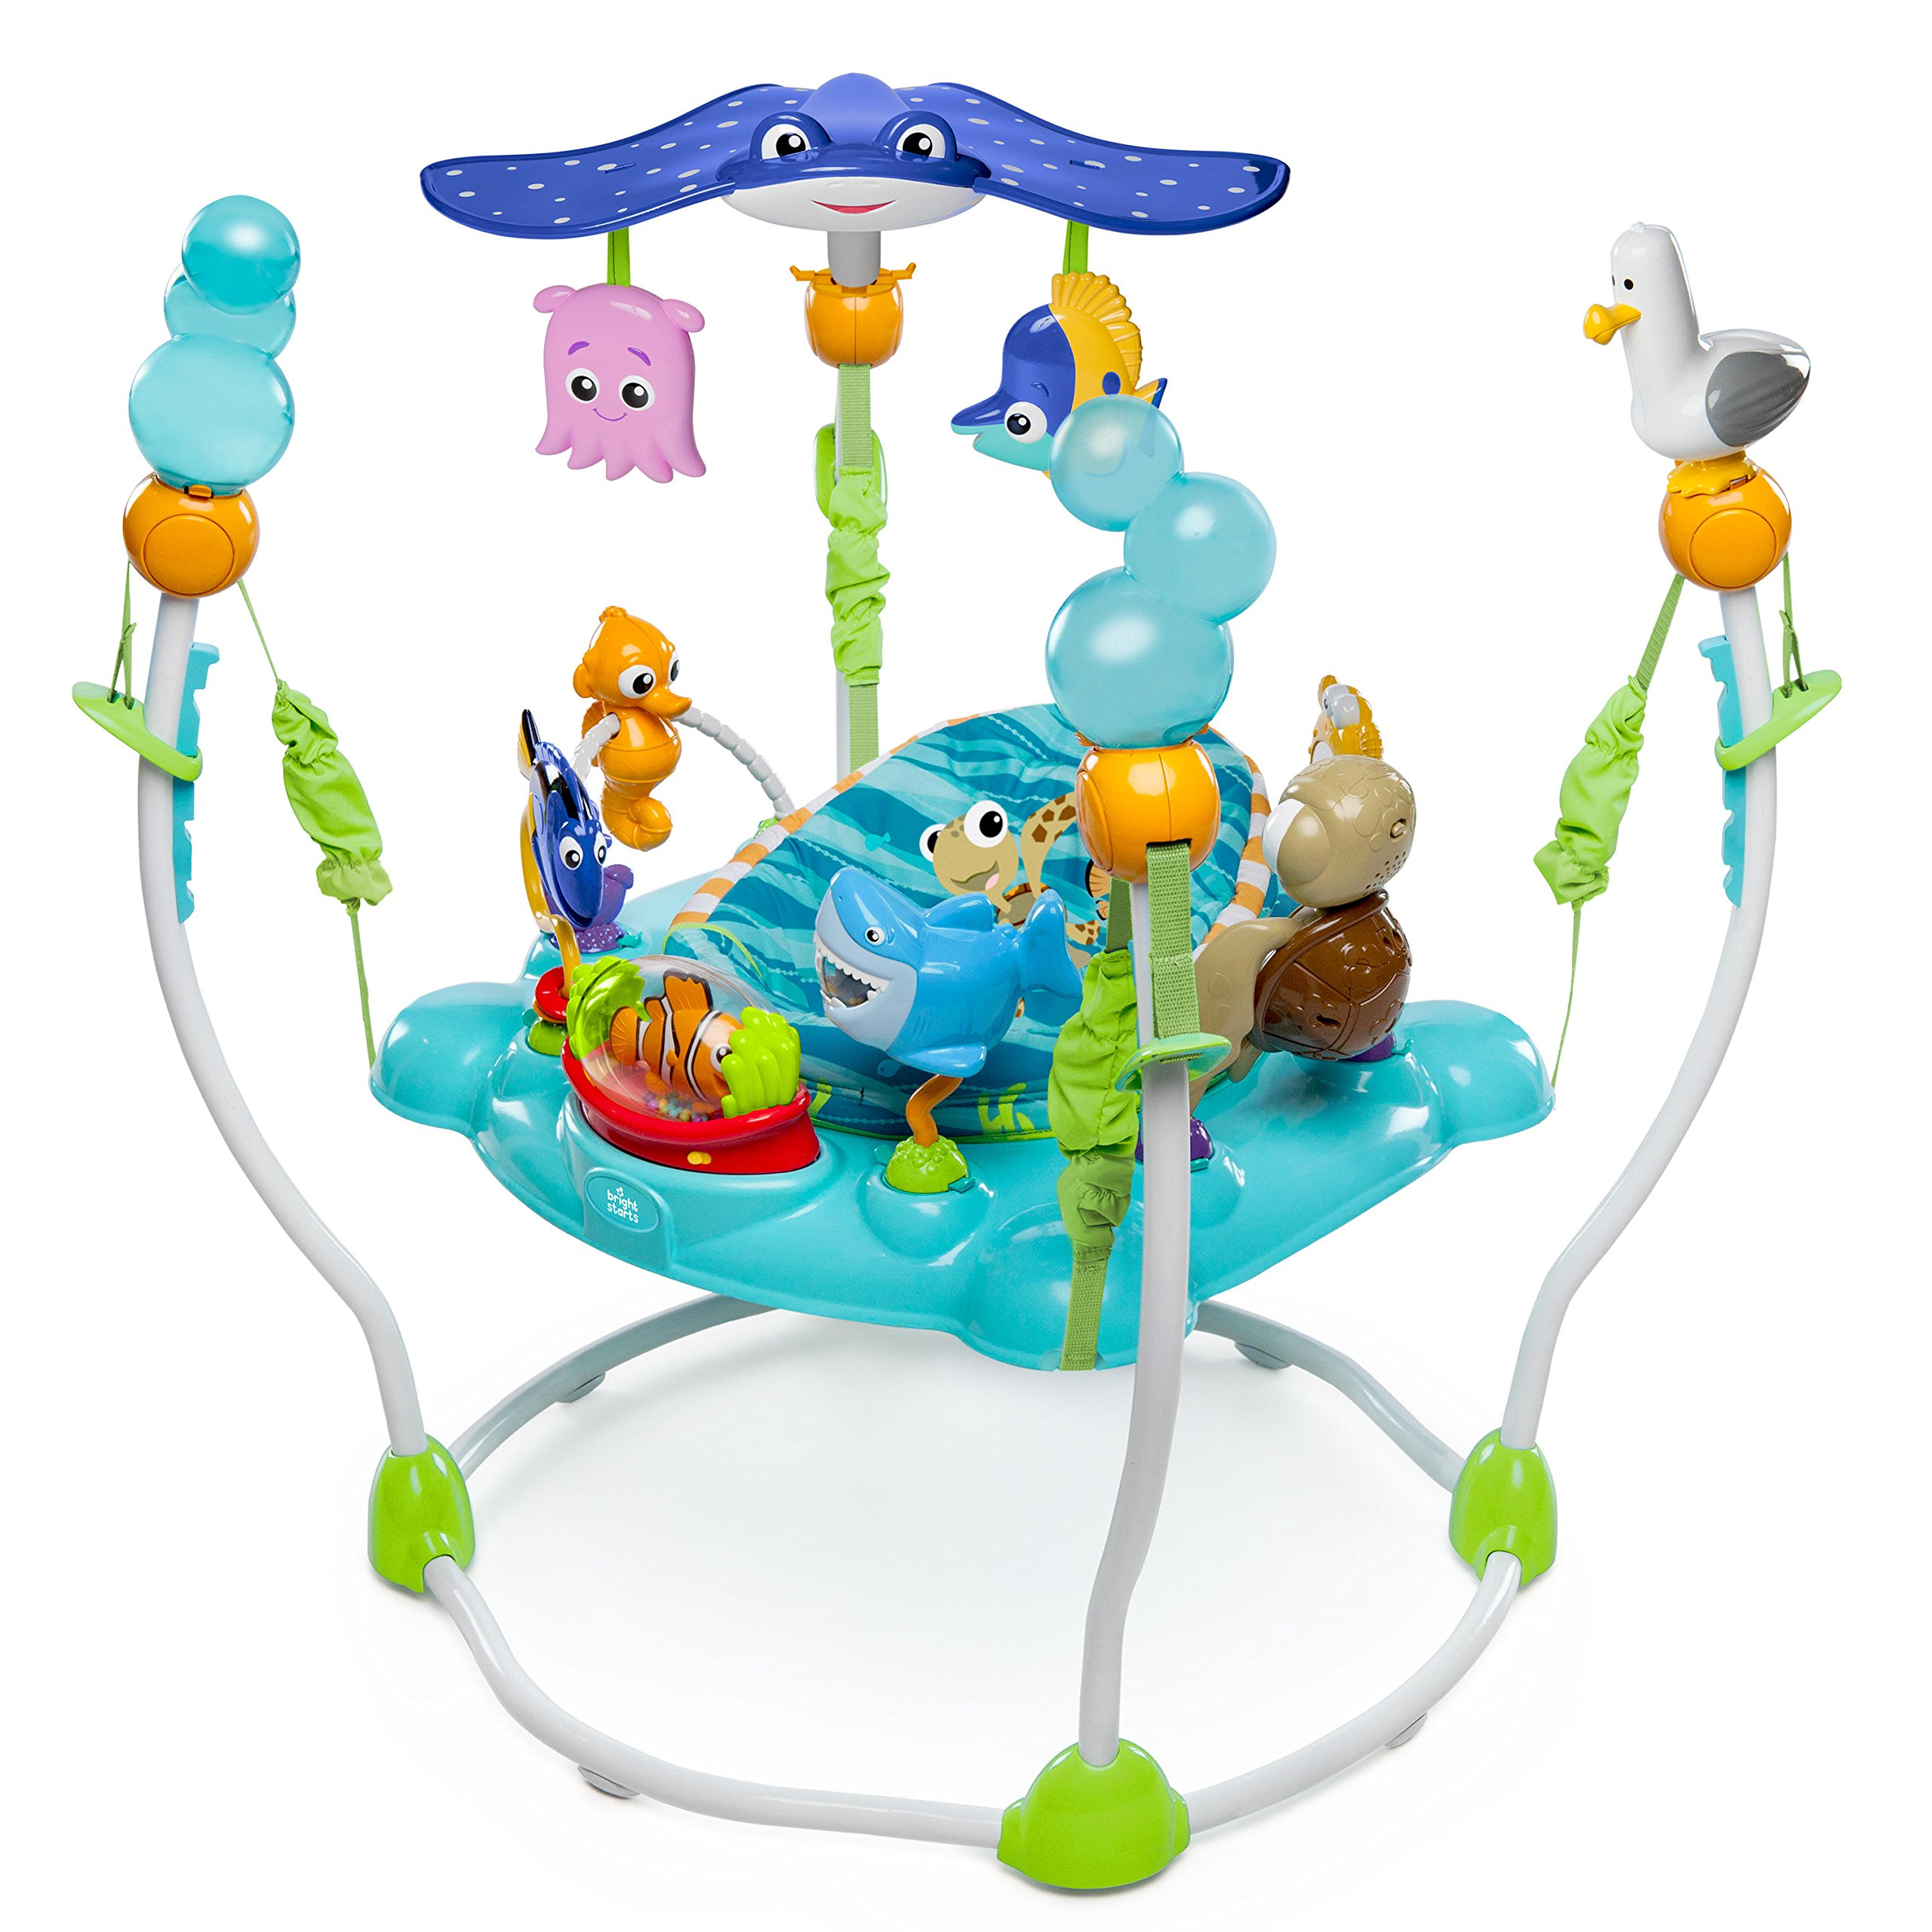 Disney Baby 60701 - Silla saltadora buscando a nemo product image